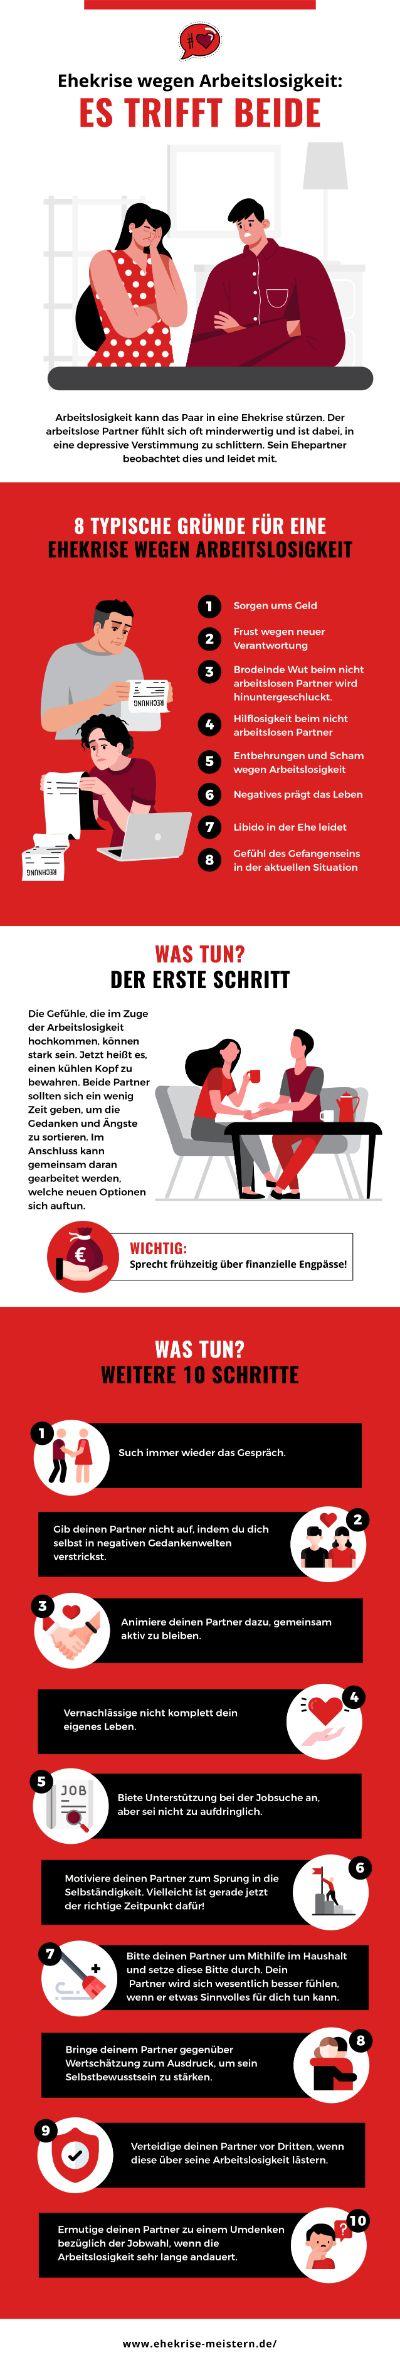 Infografik Wegen Arbeitslosigkeit Ehekrise: Es Trifft Beide